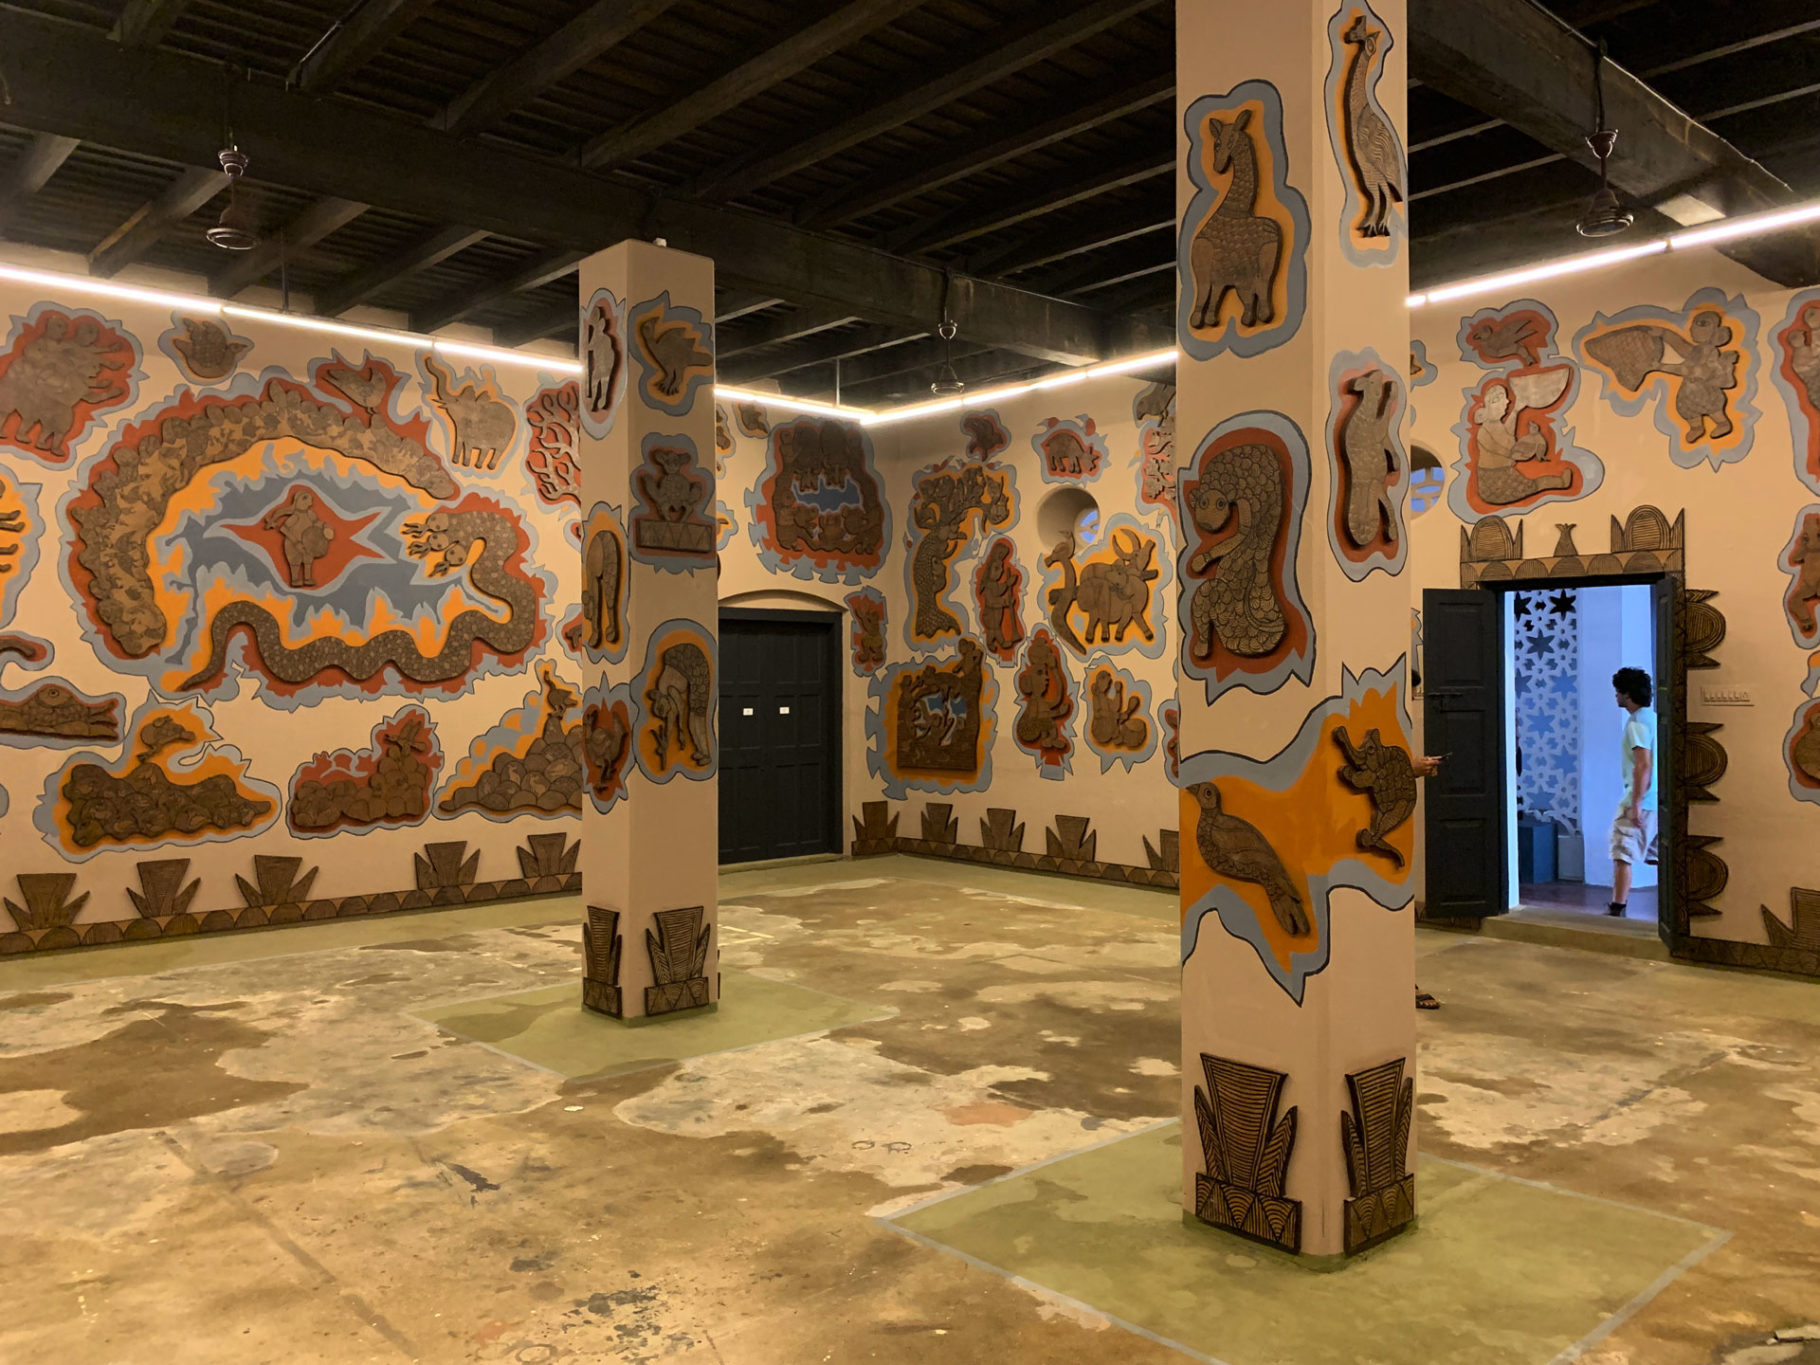 Dus Motin Kanya and Jal Devata by Durgabai and Subhash Vyam at Kochi Biennale, Aspin Wall, Fort Kochi